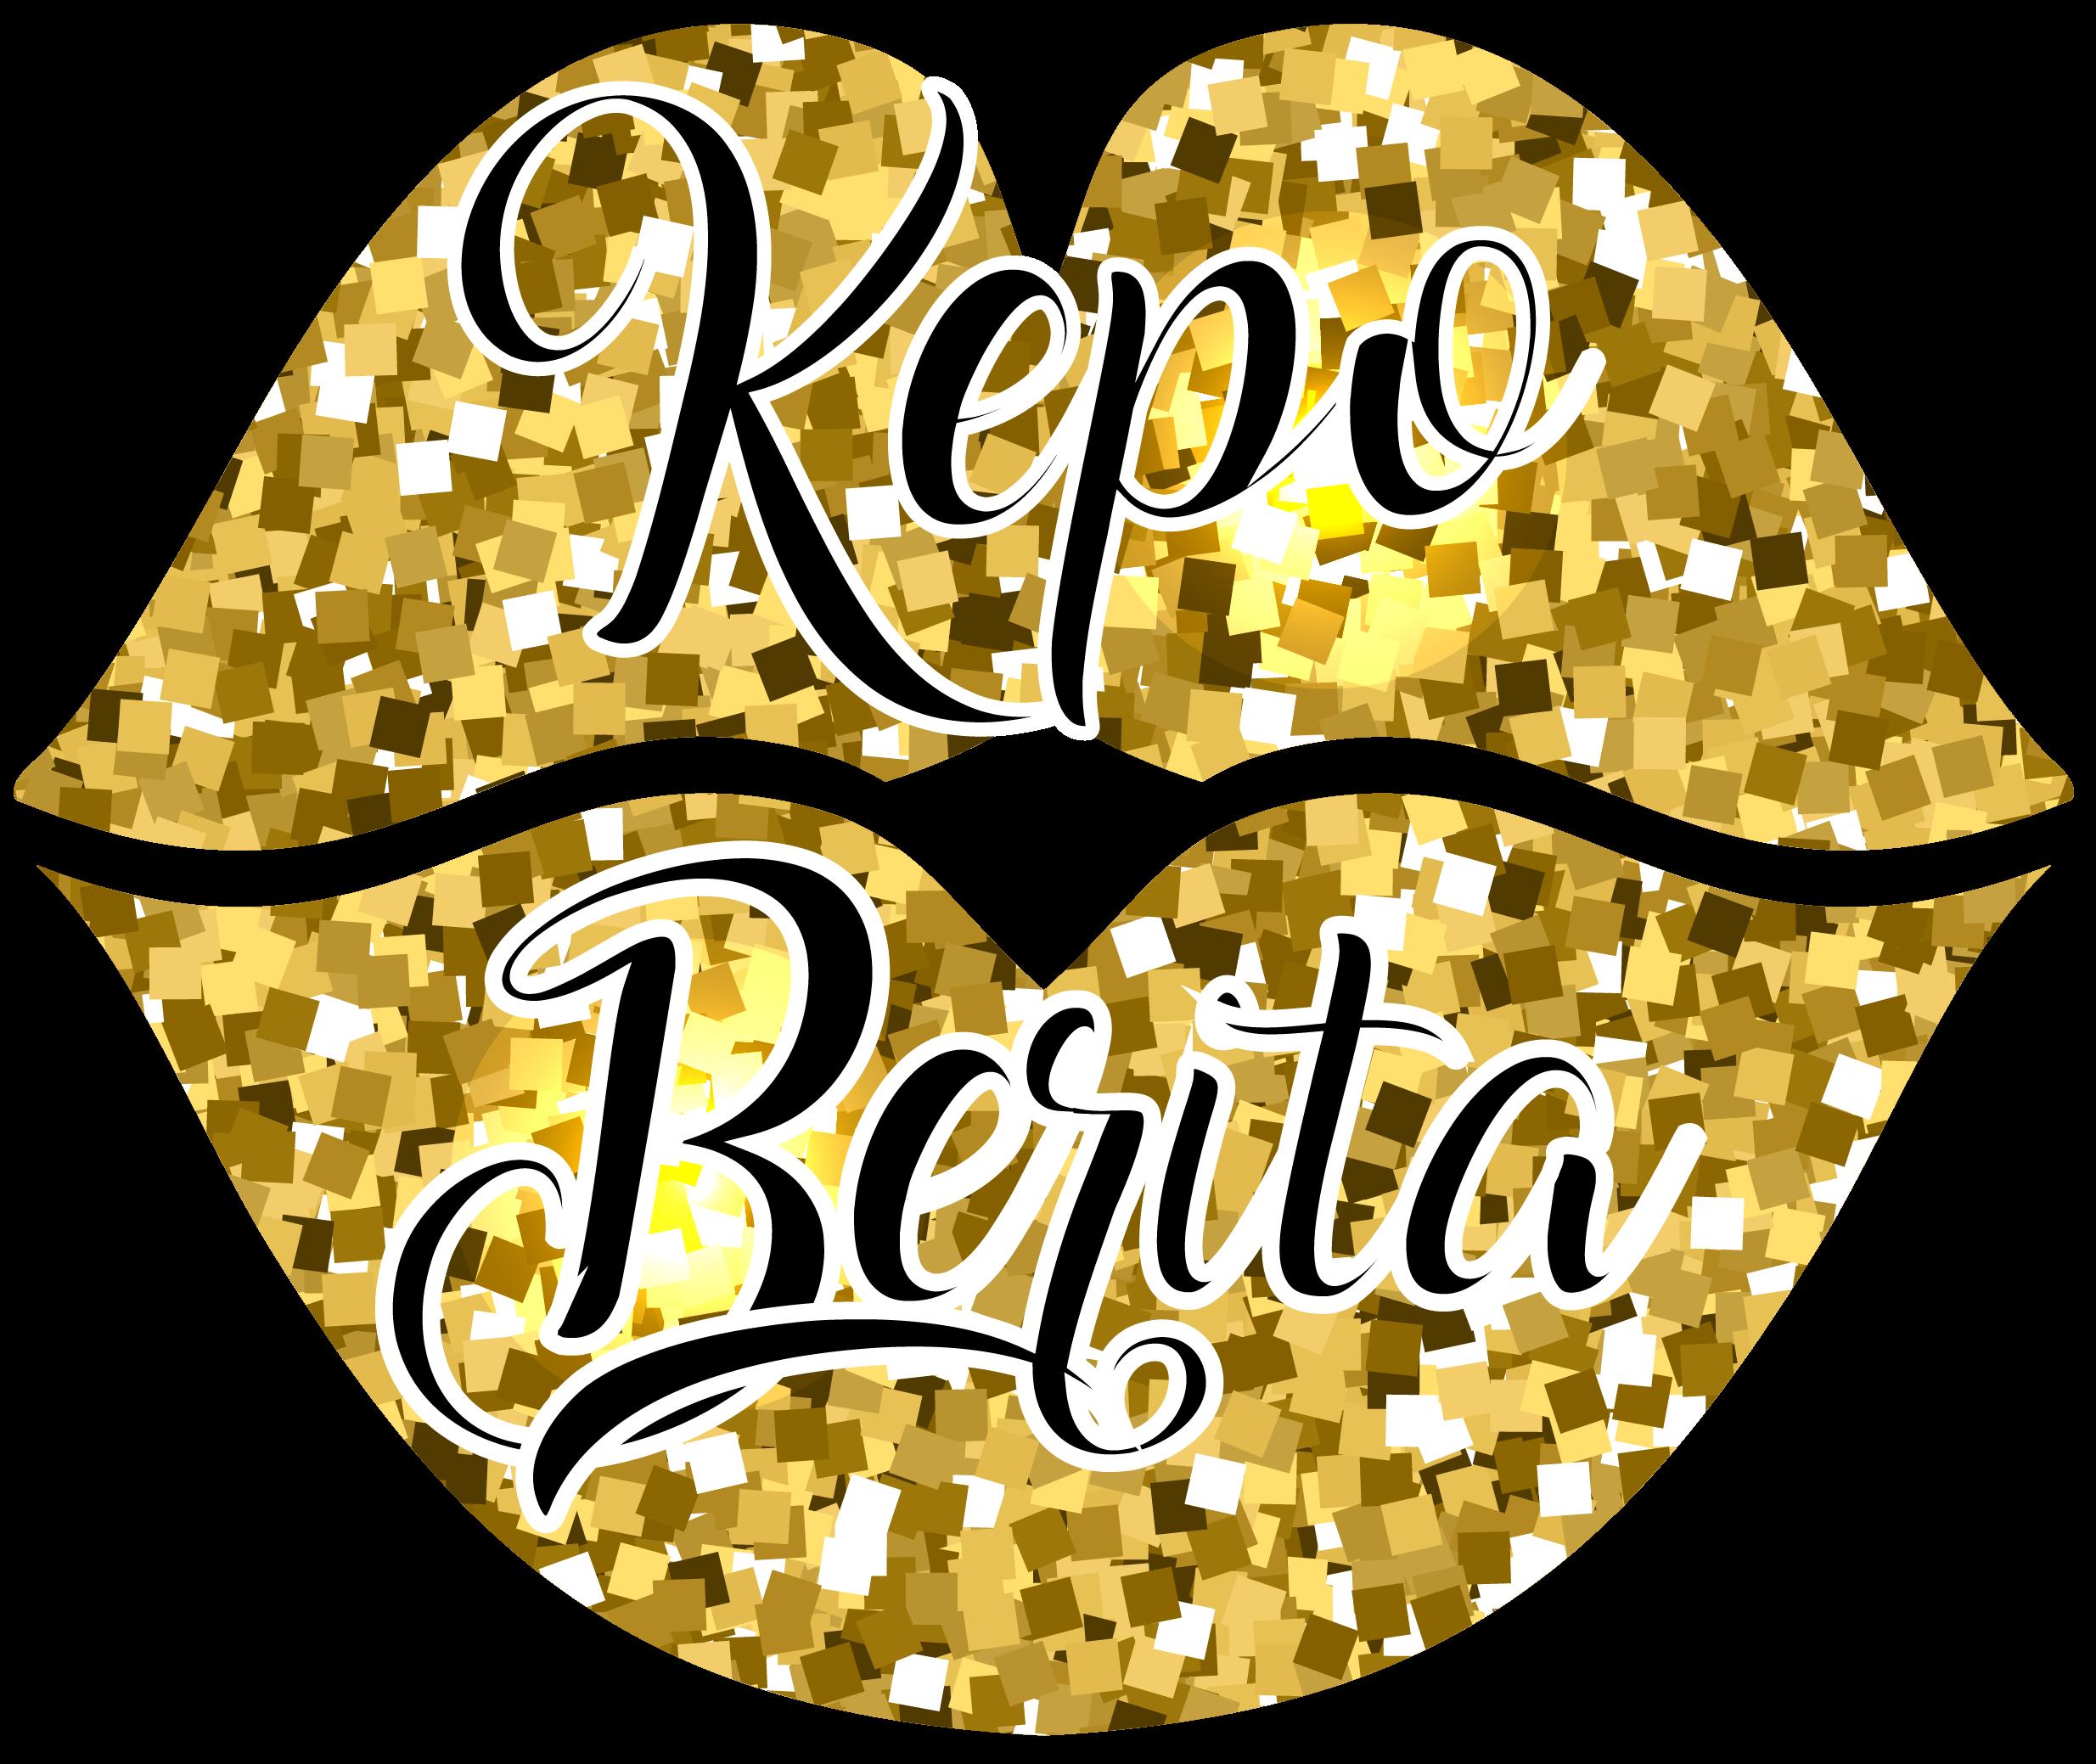 KEPO BERITA